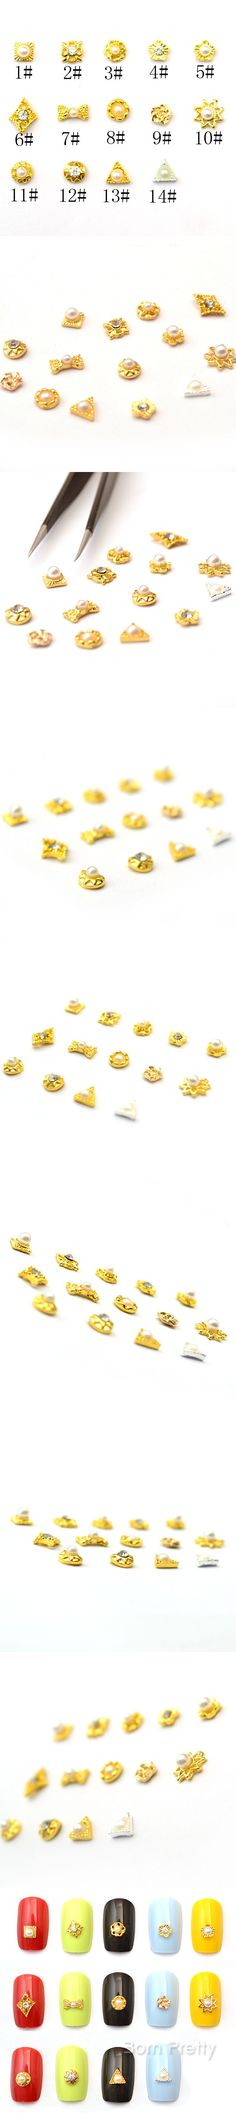 $1.59 5Pcs Bowknot Triangle Nail Art Decoration Mini 3D Metal UV Gel Studs - BornPrettyStore.com